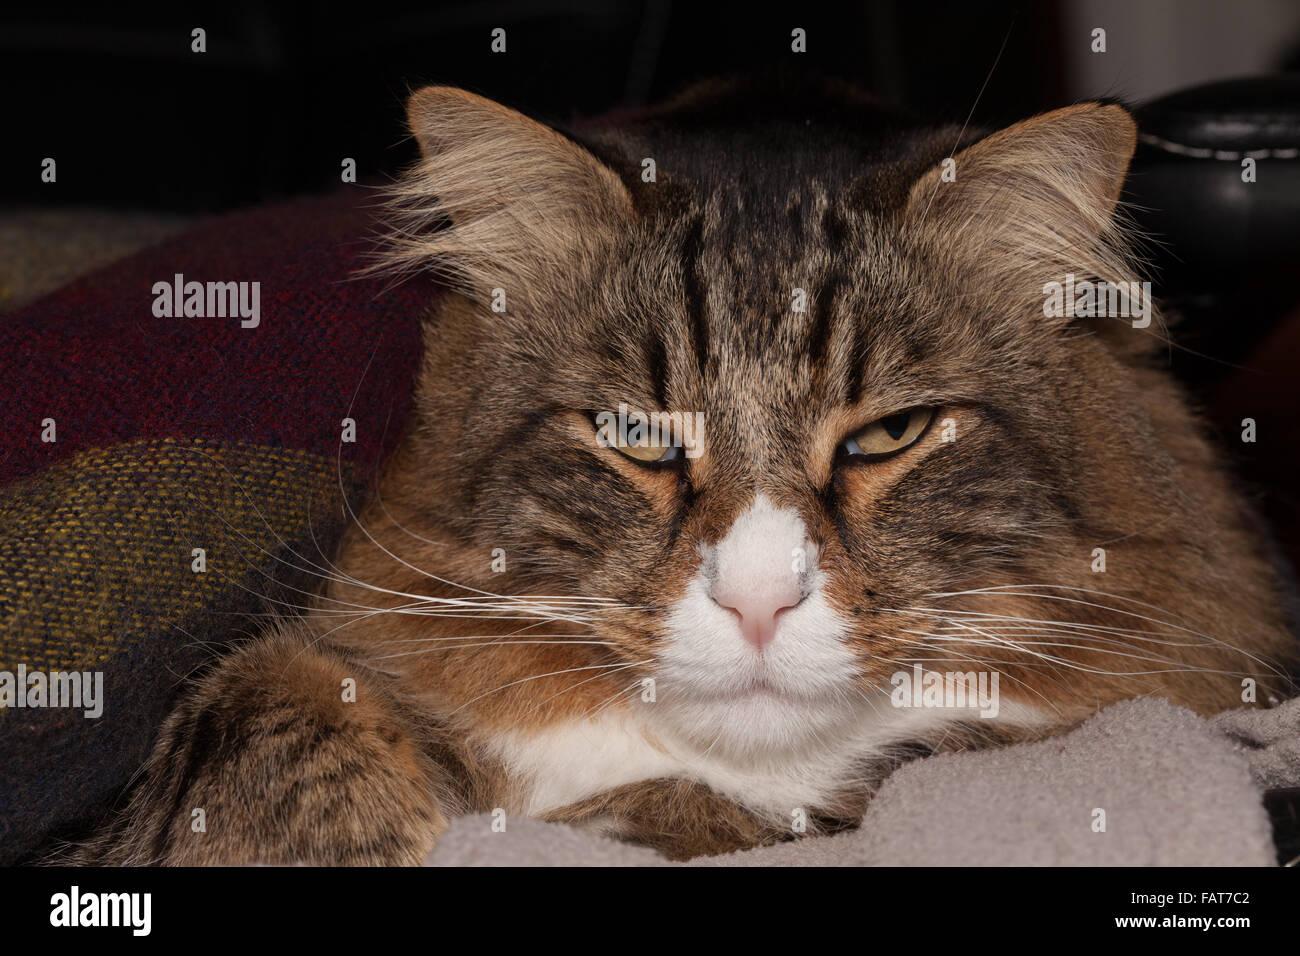 Long Hair Cat Portrait - Stock Image